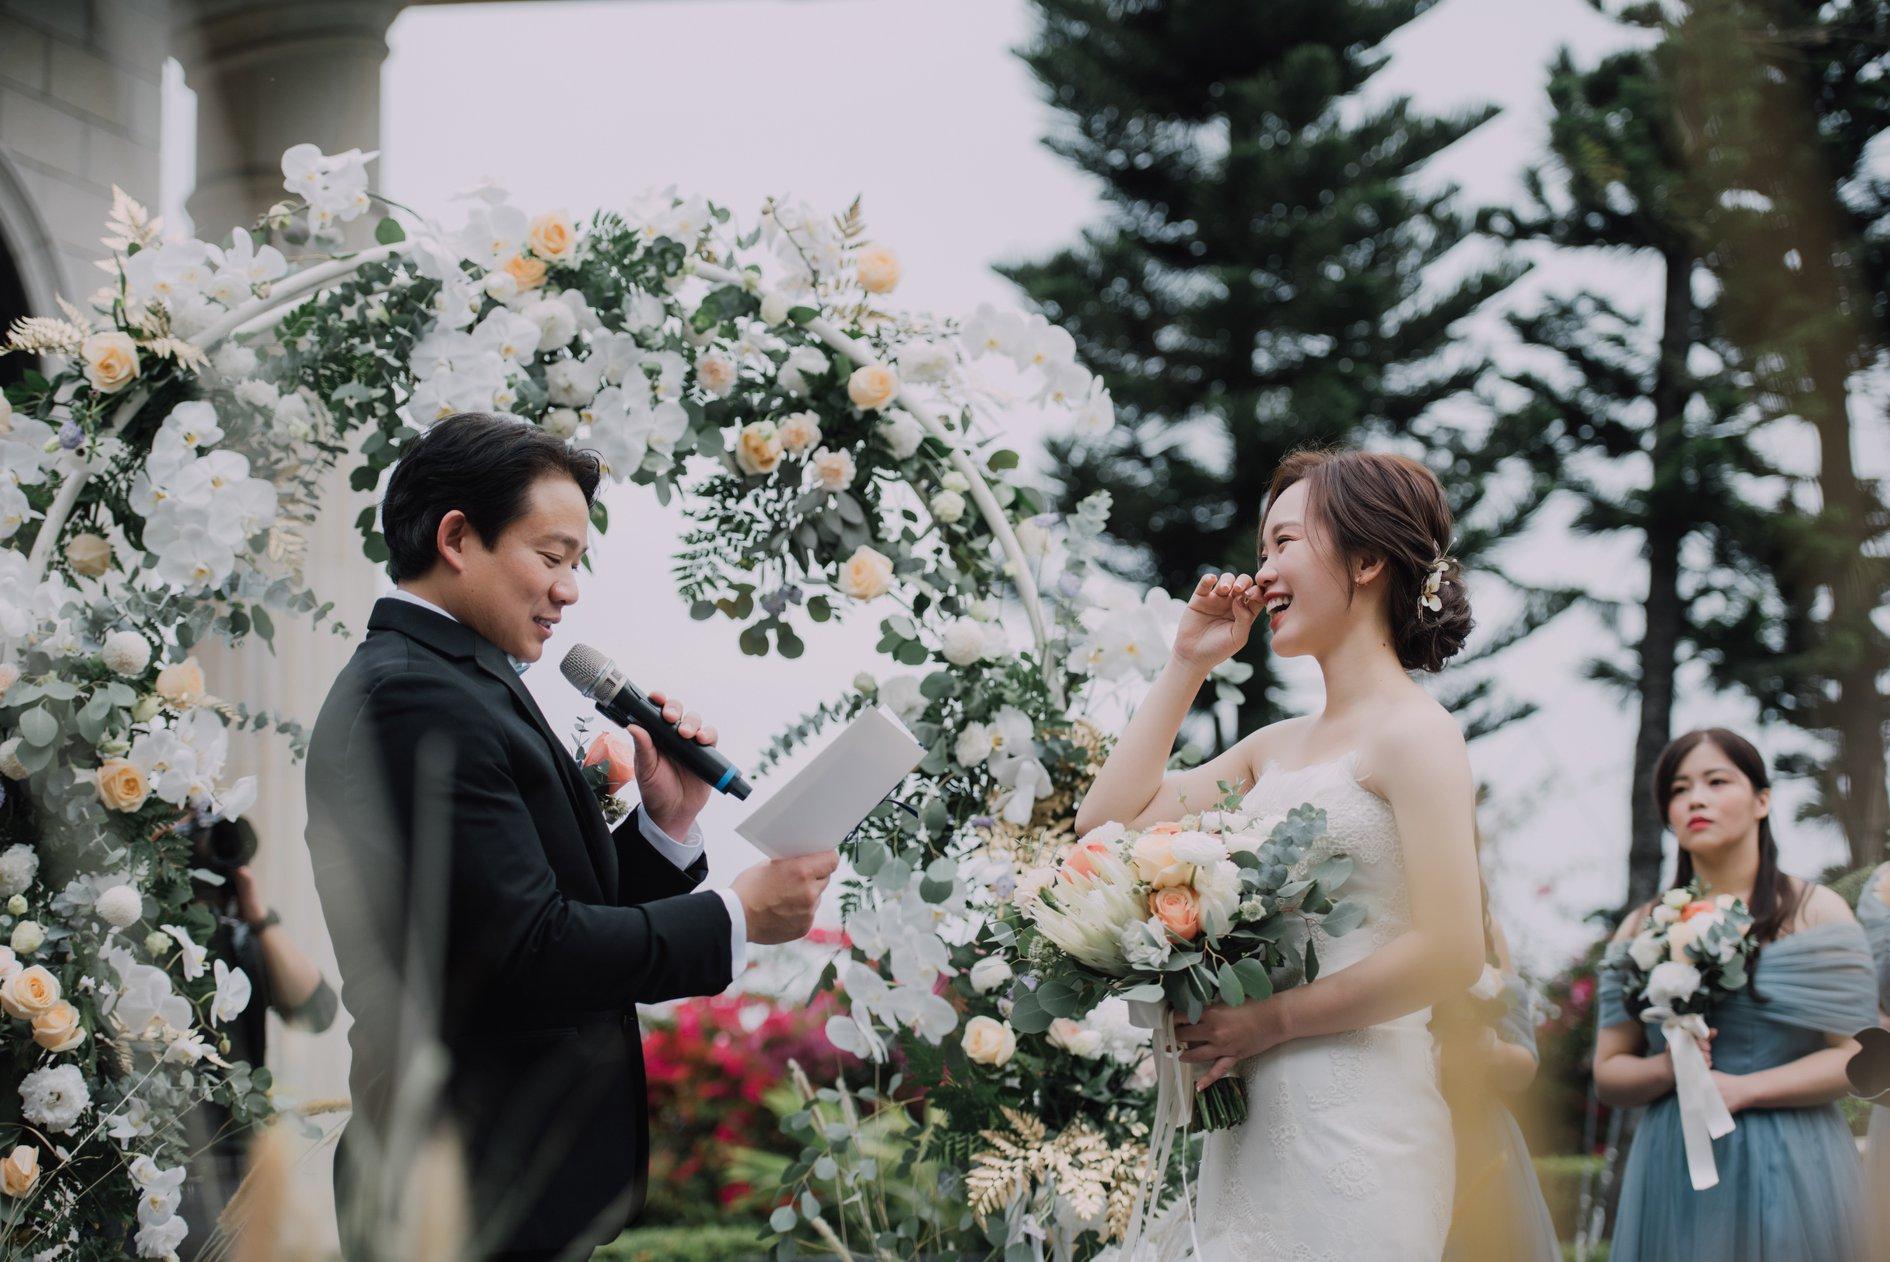 別讓婚禮只受限於自己的想像力